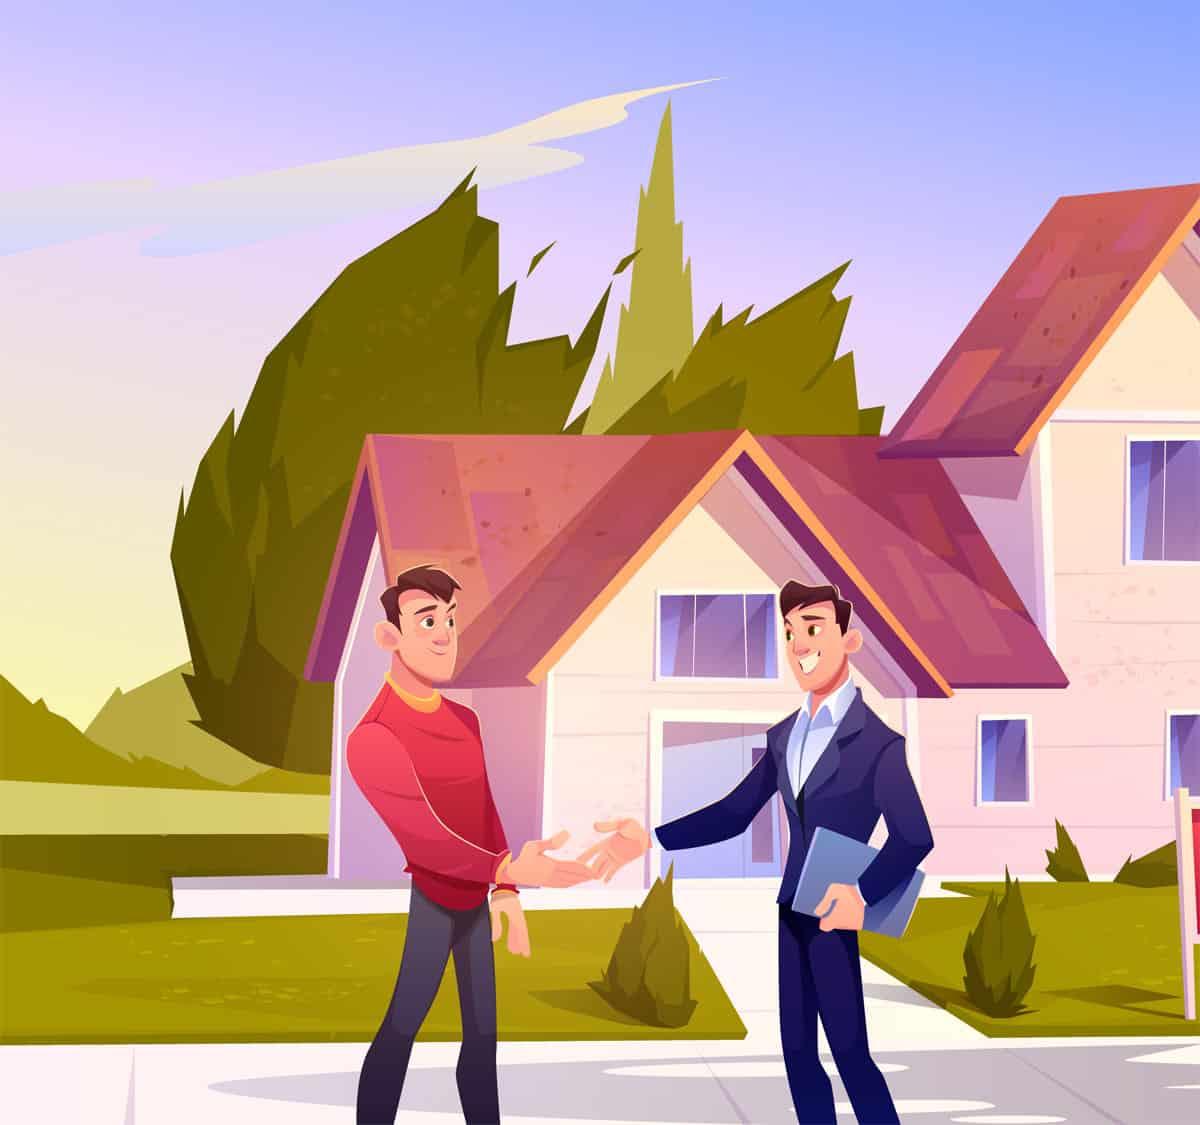 vender piso rapido acuerdo